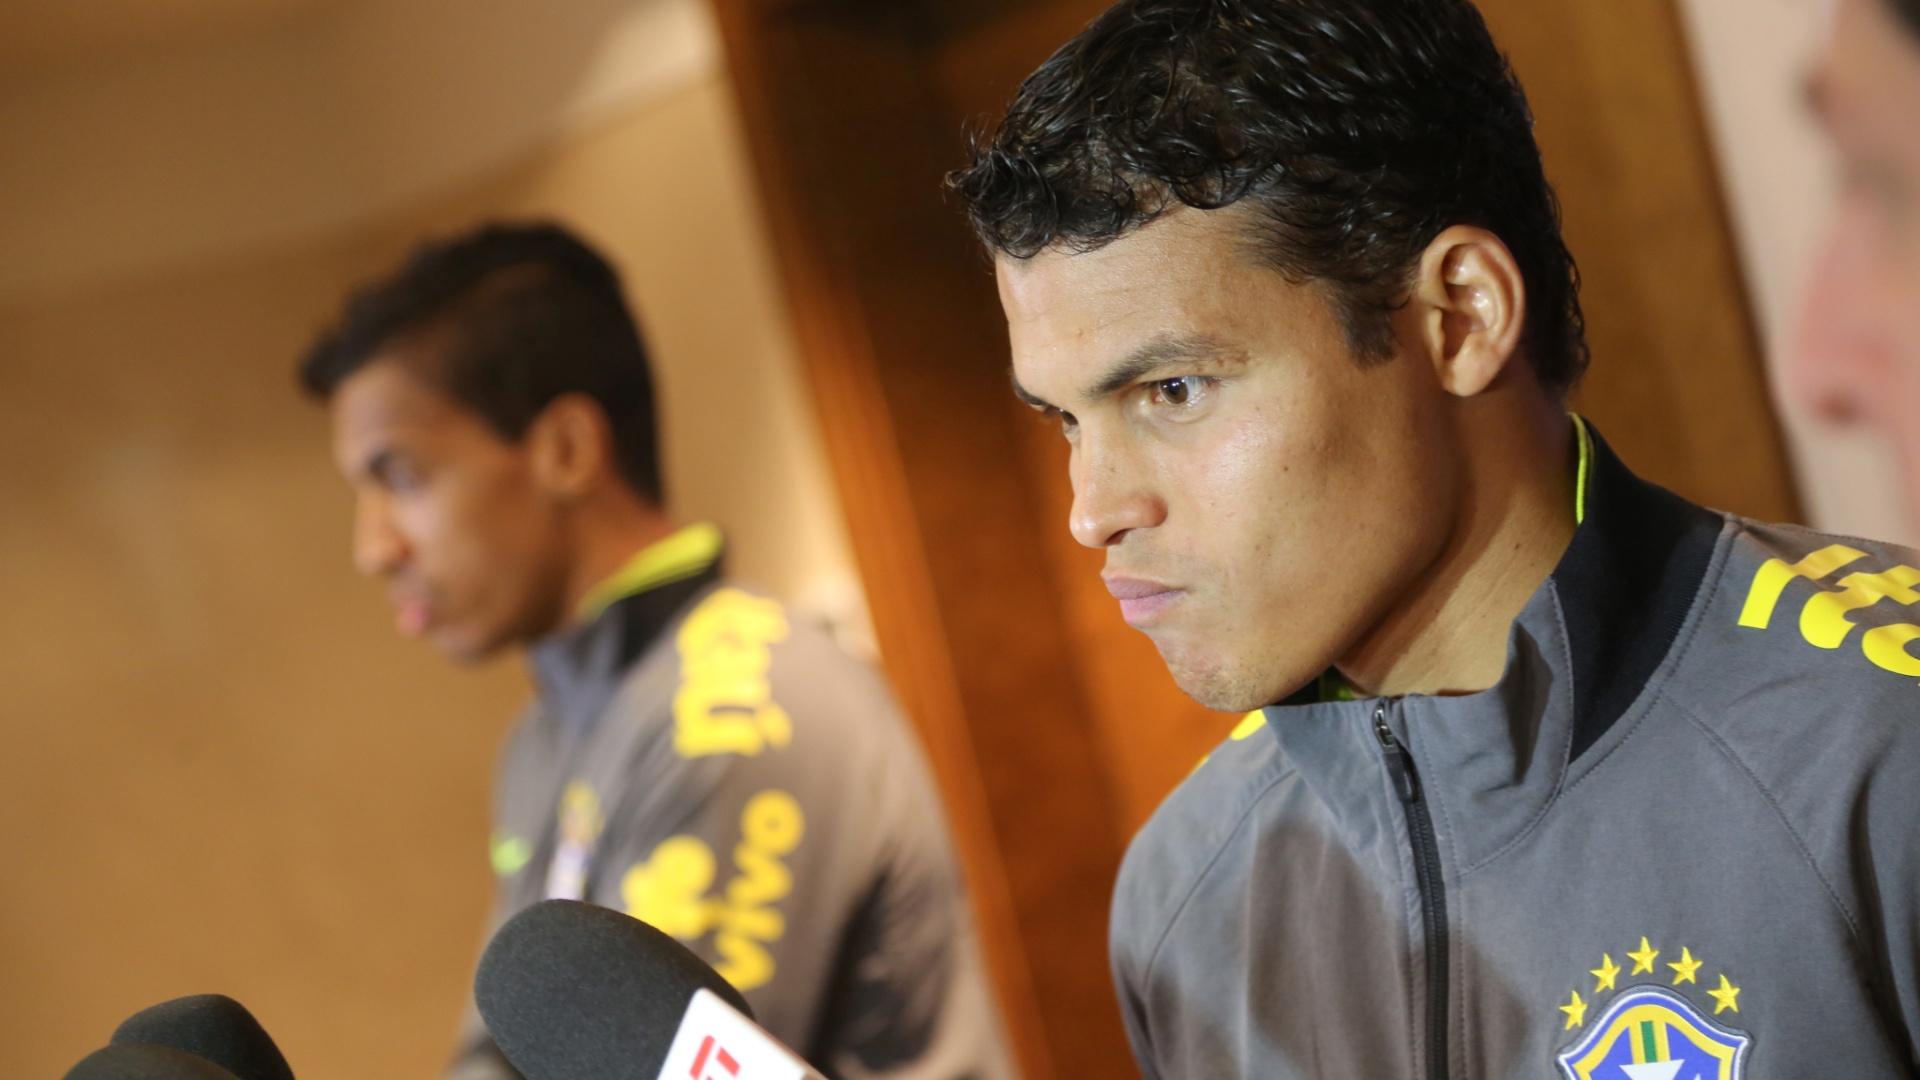 Thiago Silva escancarou descontentamento com a reserva e perda da faixa de capitão na seleção